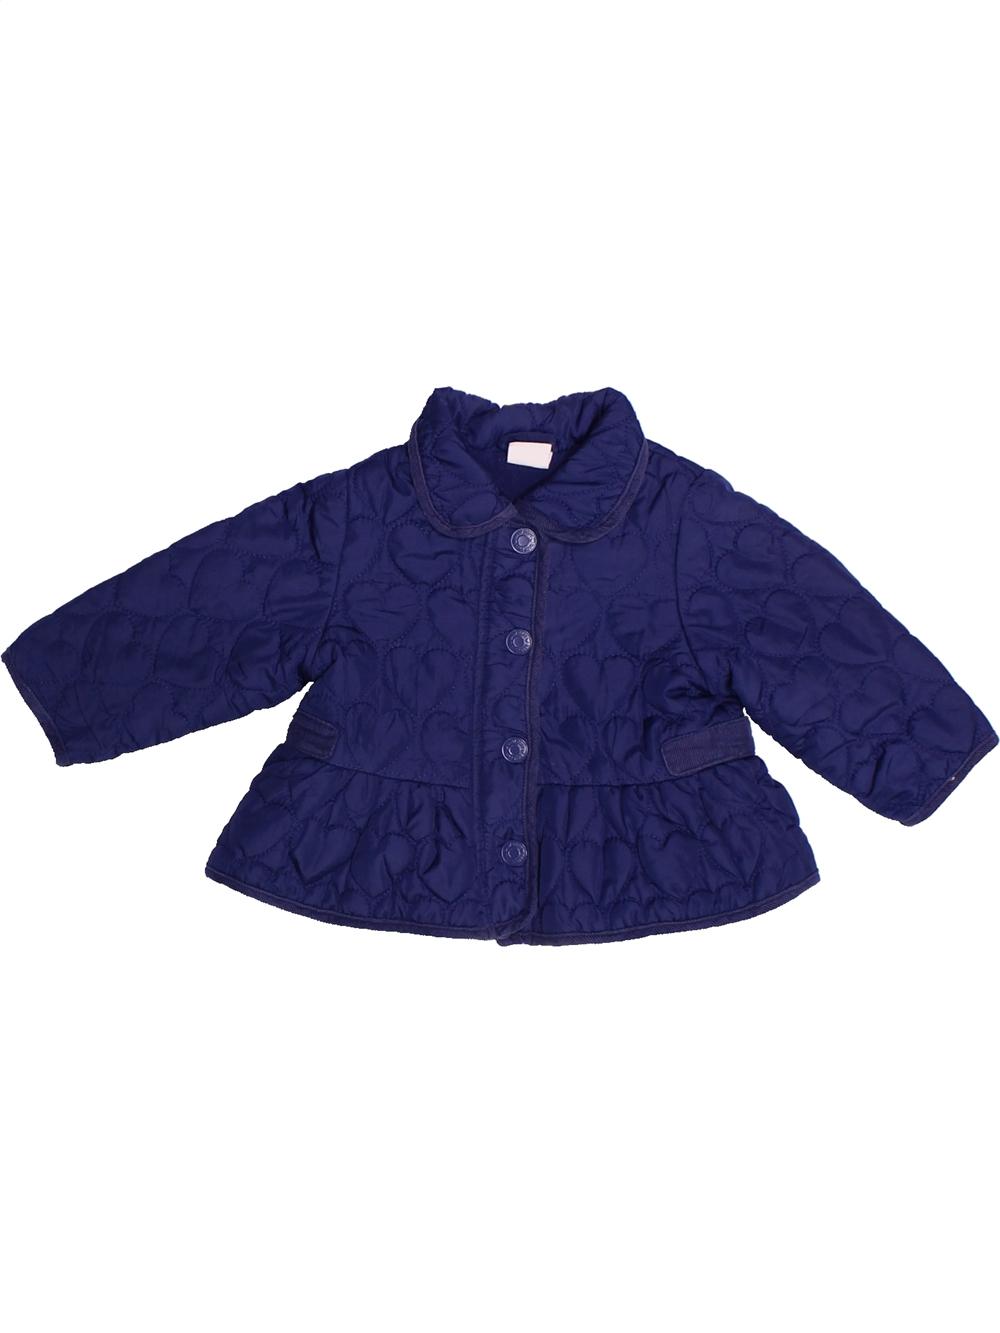 magasin en ligne d9aba 1a32e Doudoune Fille H&M 6 mois pas cher, 2.80 € - #1242204